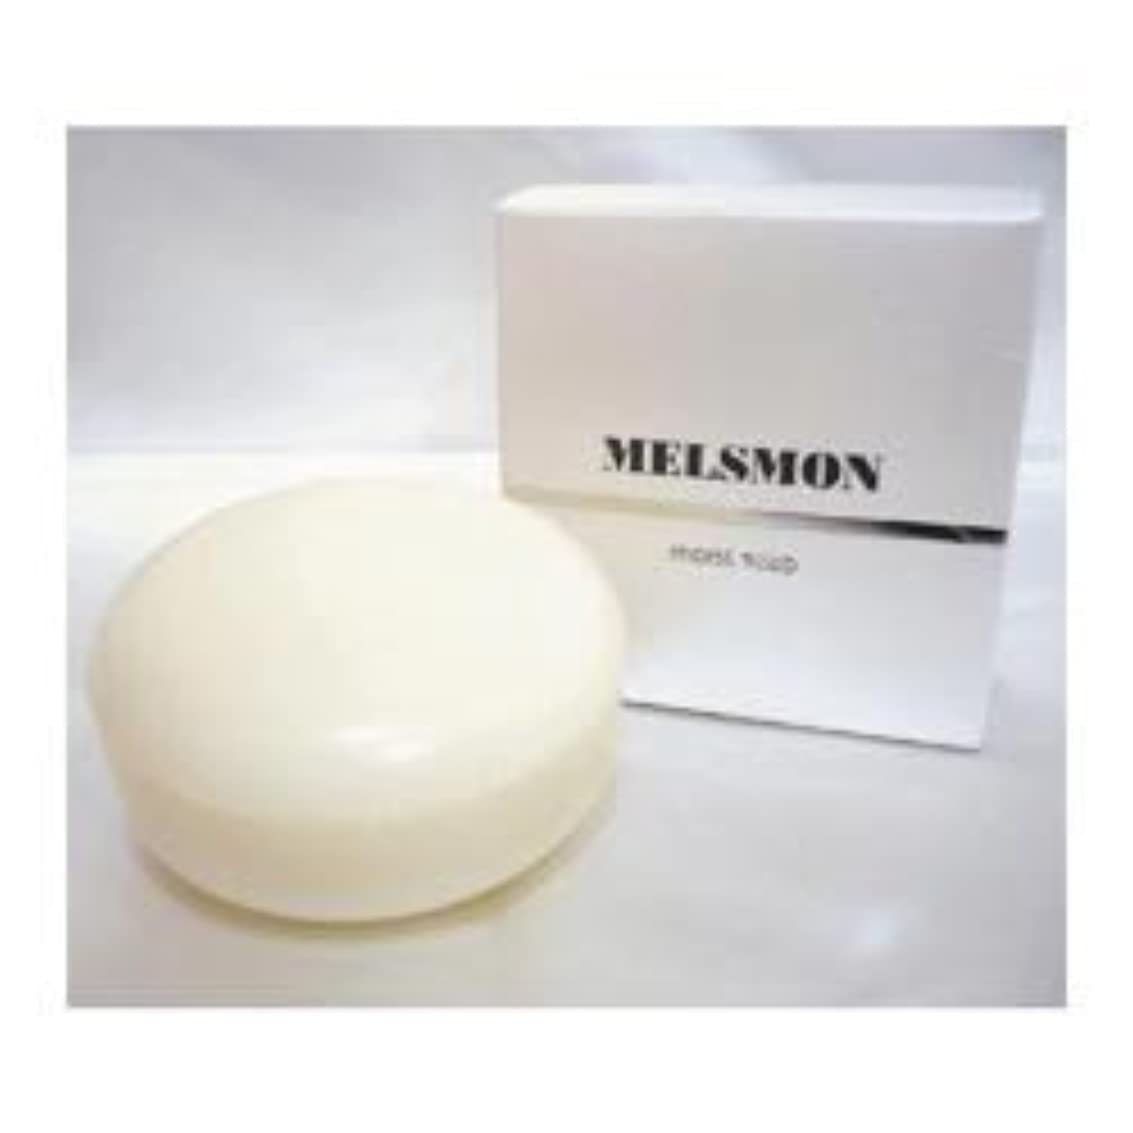 【メルスモン製薬】メルスモン モイストソープ 100g ×5個セット